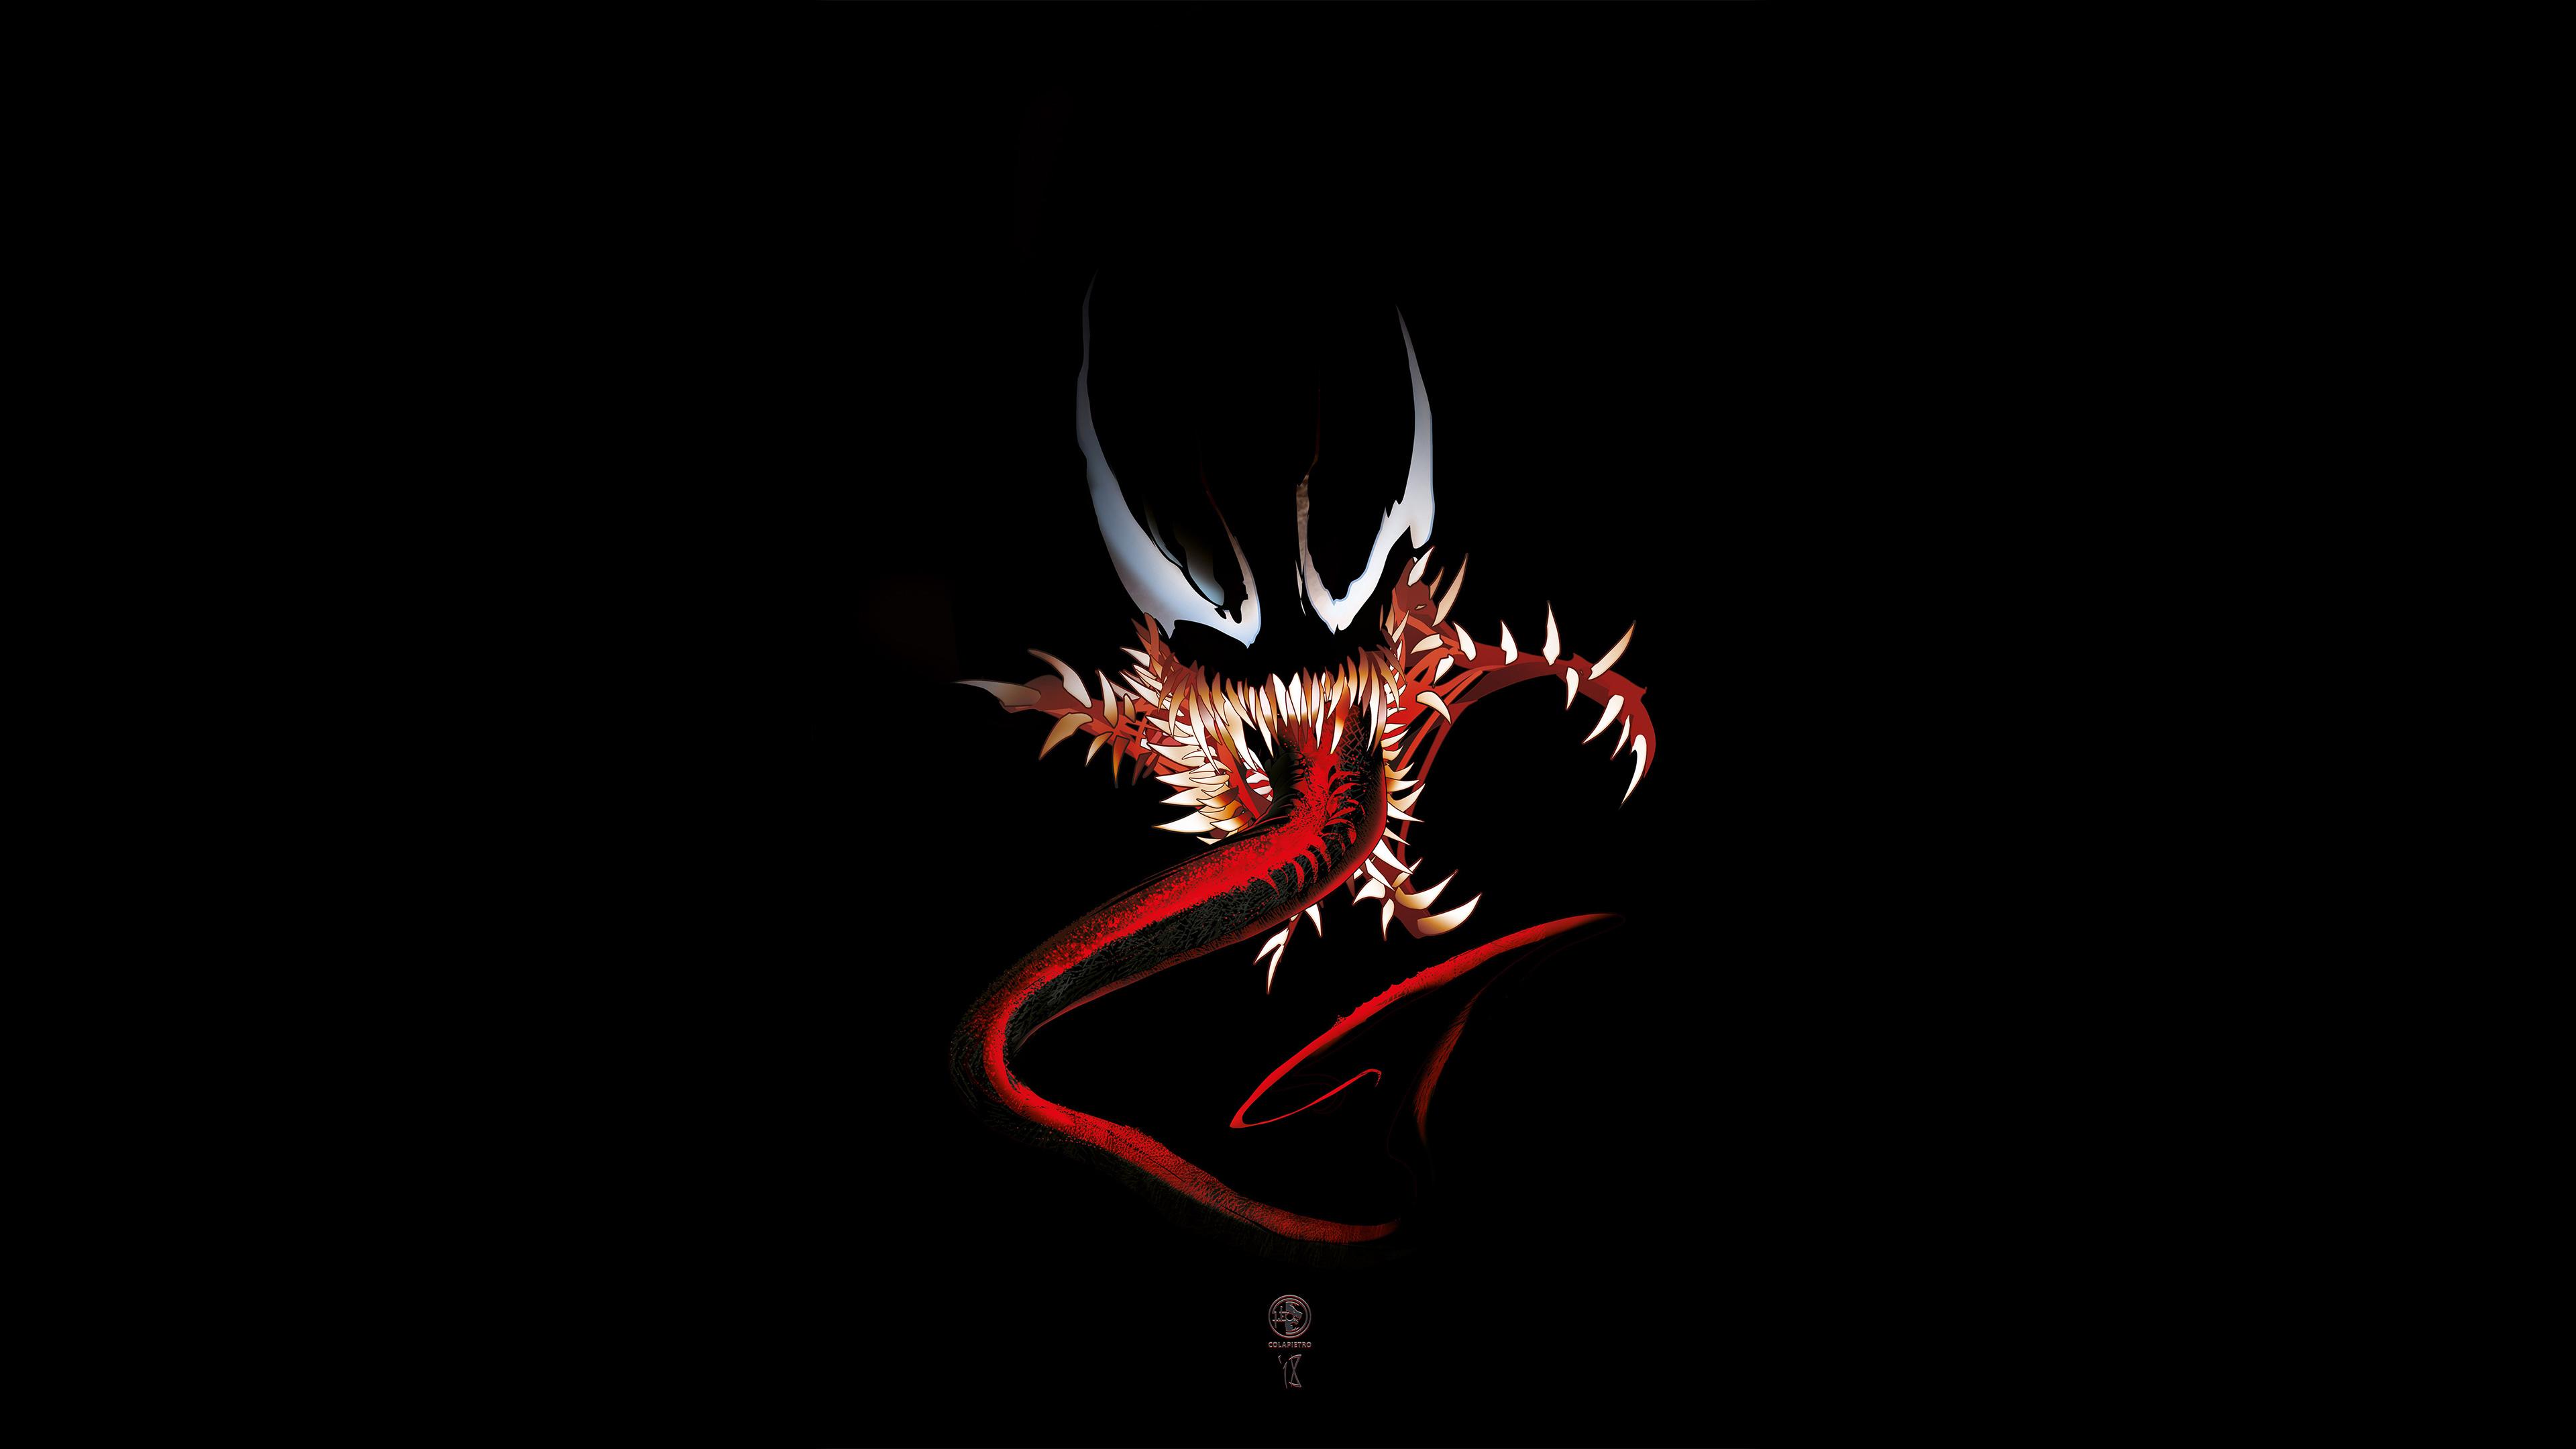 Venom 4k Digital Art, HD Superheroes, 4k Wallpapers ...